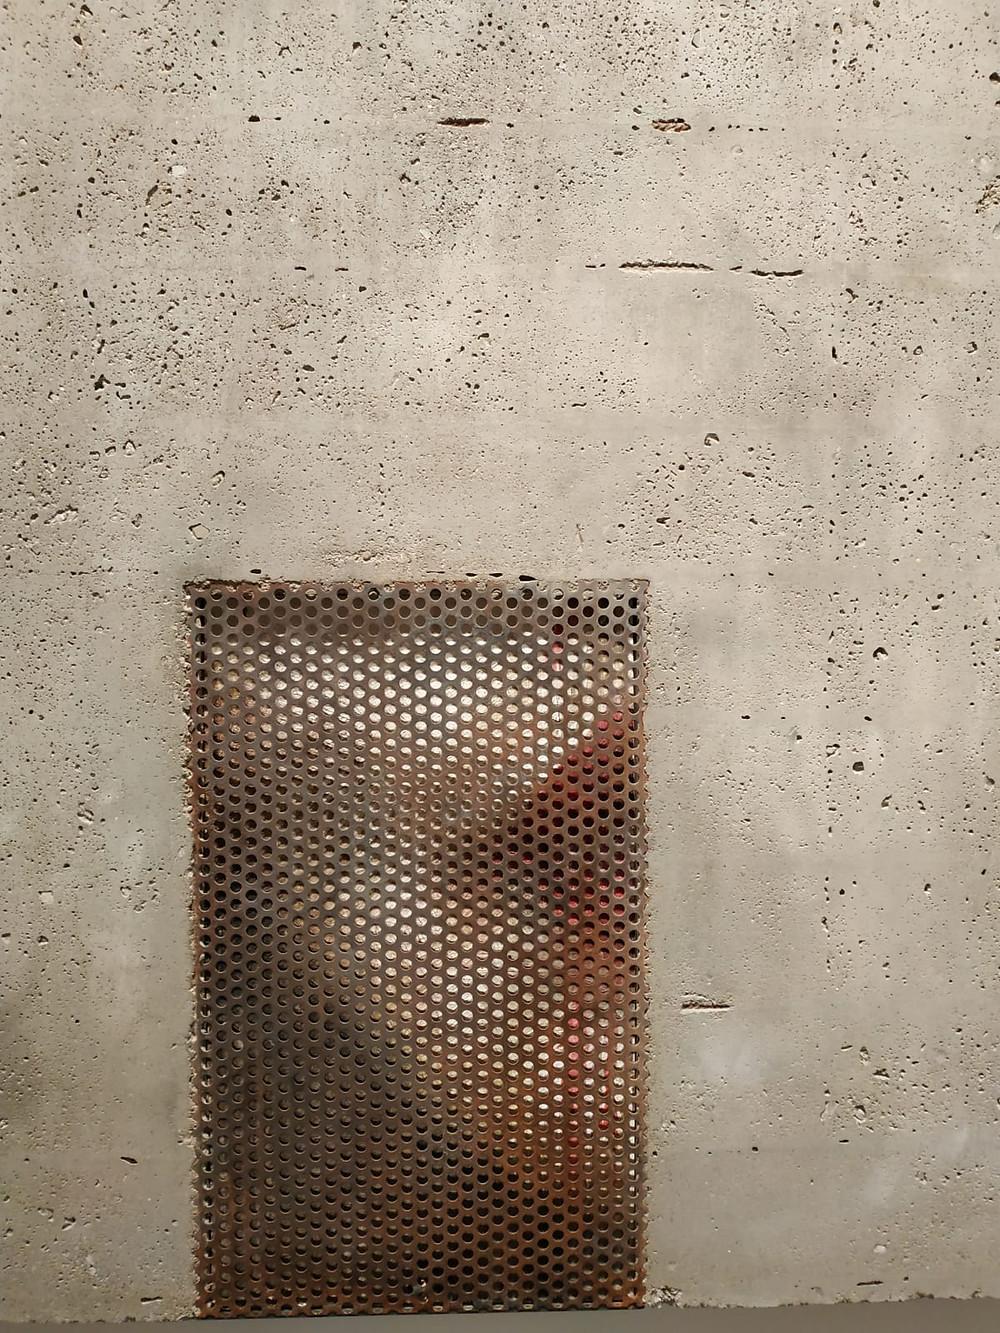 compuesta por seis piezas | Foto: Guillermo Martínez